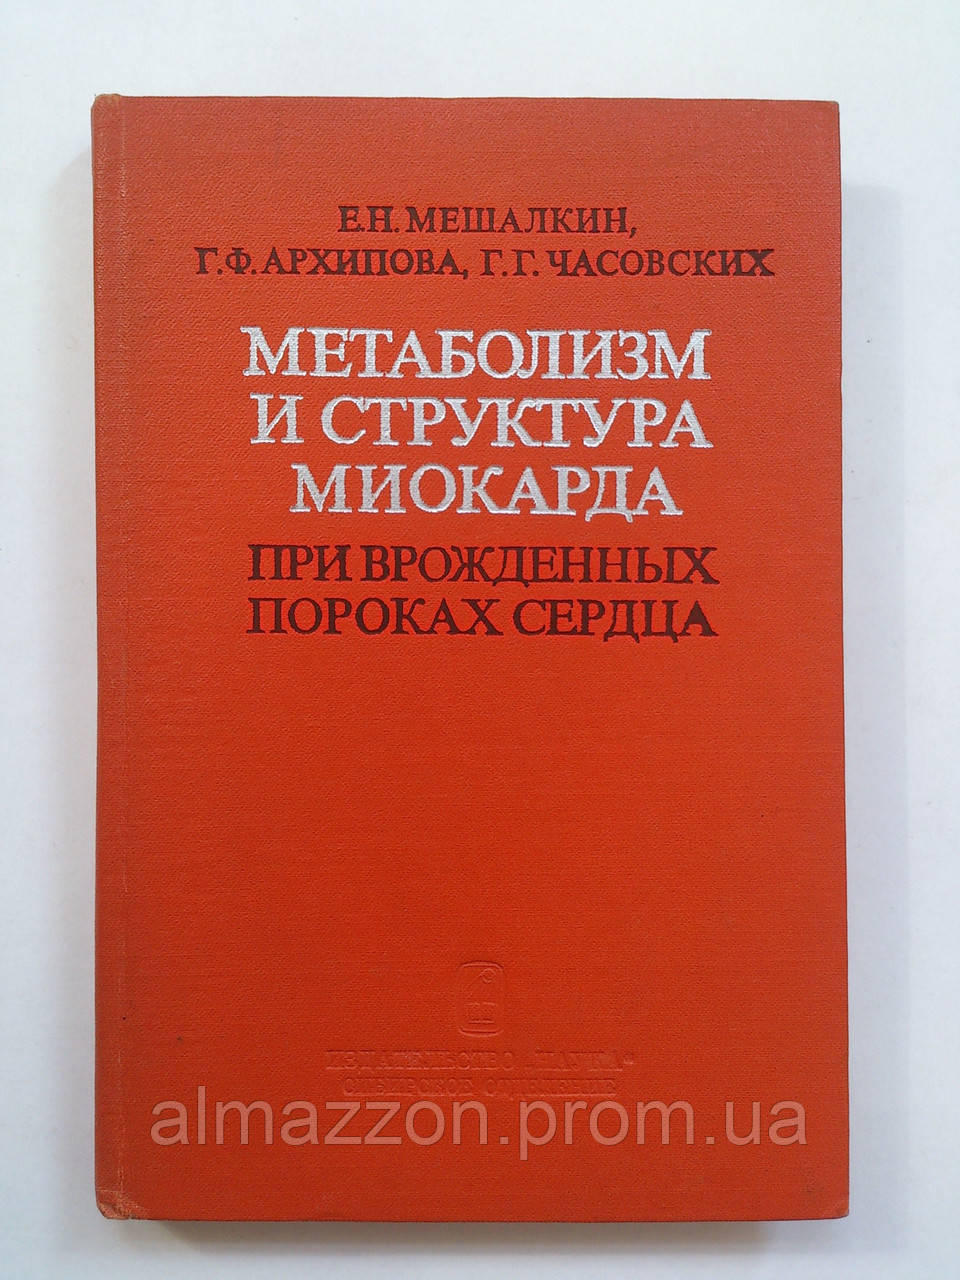 """Е.Мешалкин и др. """"Метаболизм и структура миокарда при врожденных пороках сердца"""""""